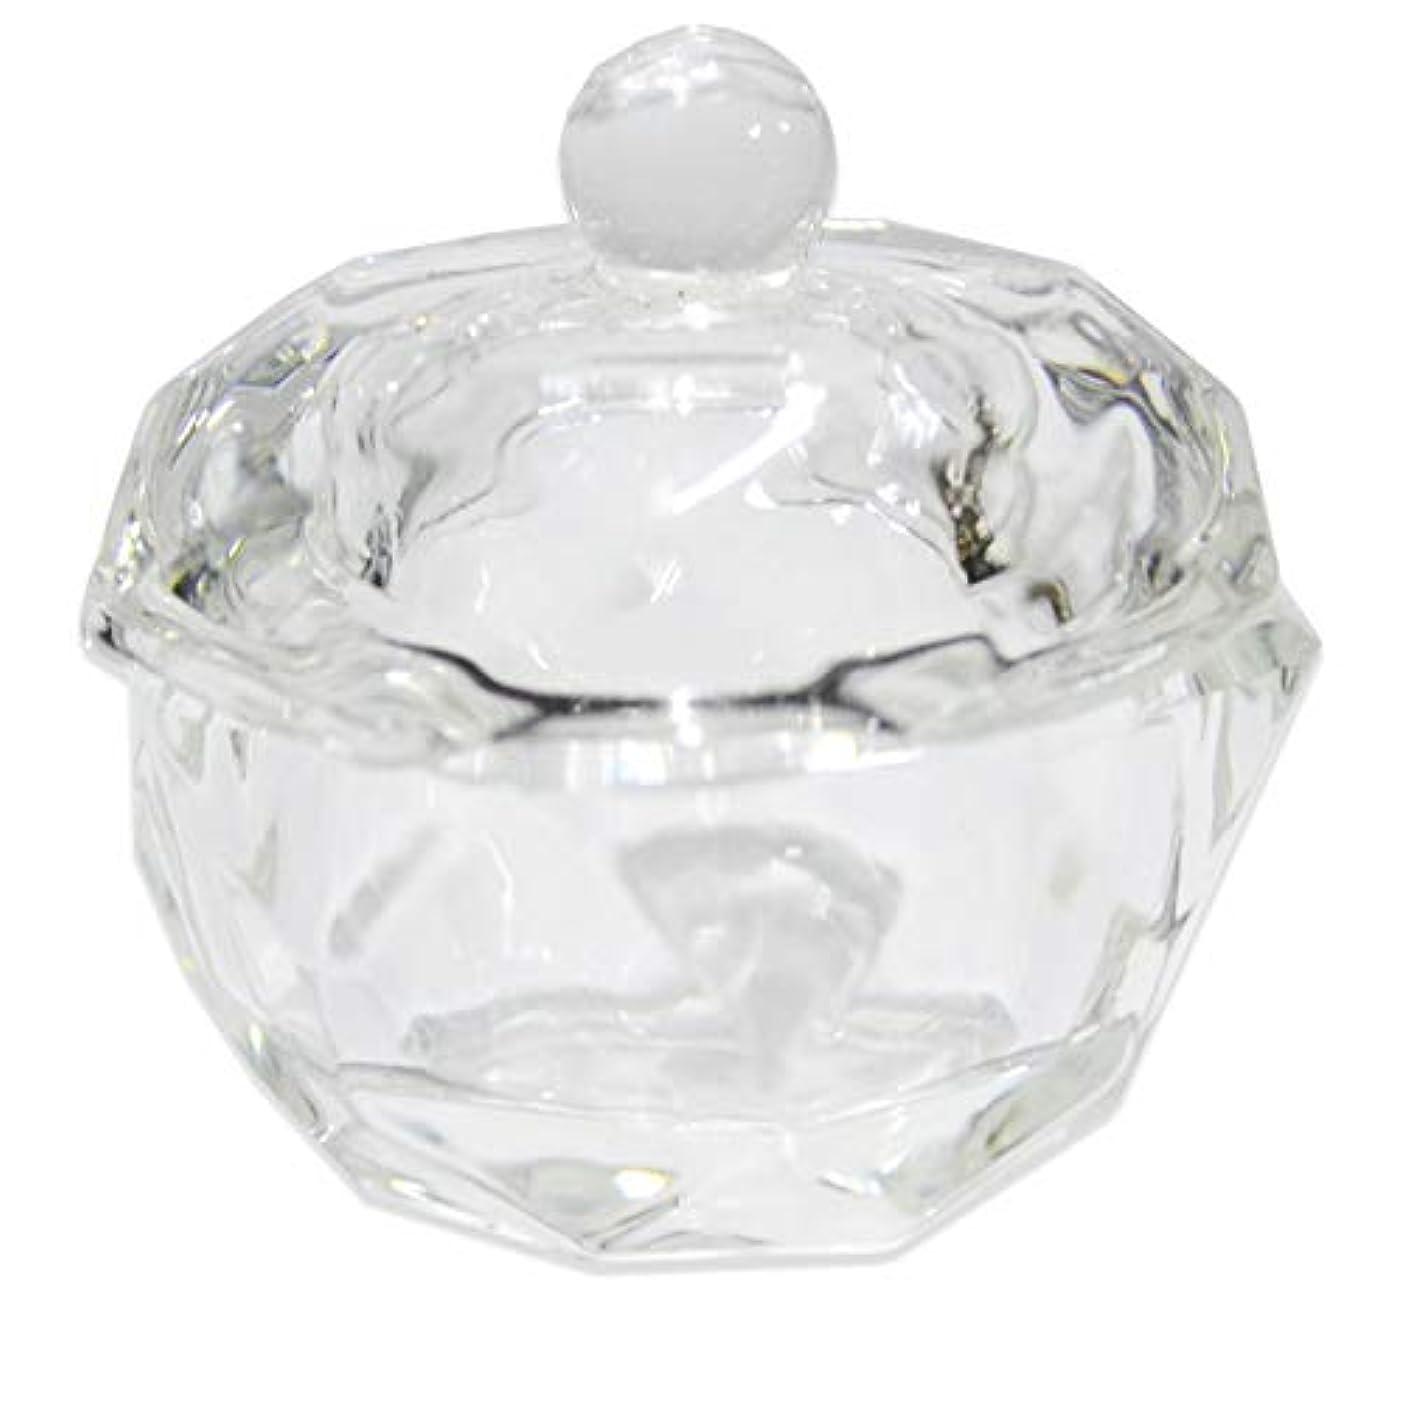 ふさわしい識別する解き明かすクリスタル オクタゴン ダッペンディッシュ/ガラスの蓋付き/八角形